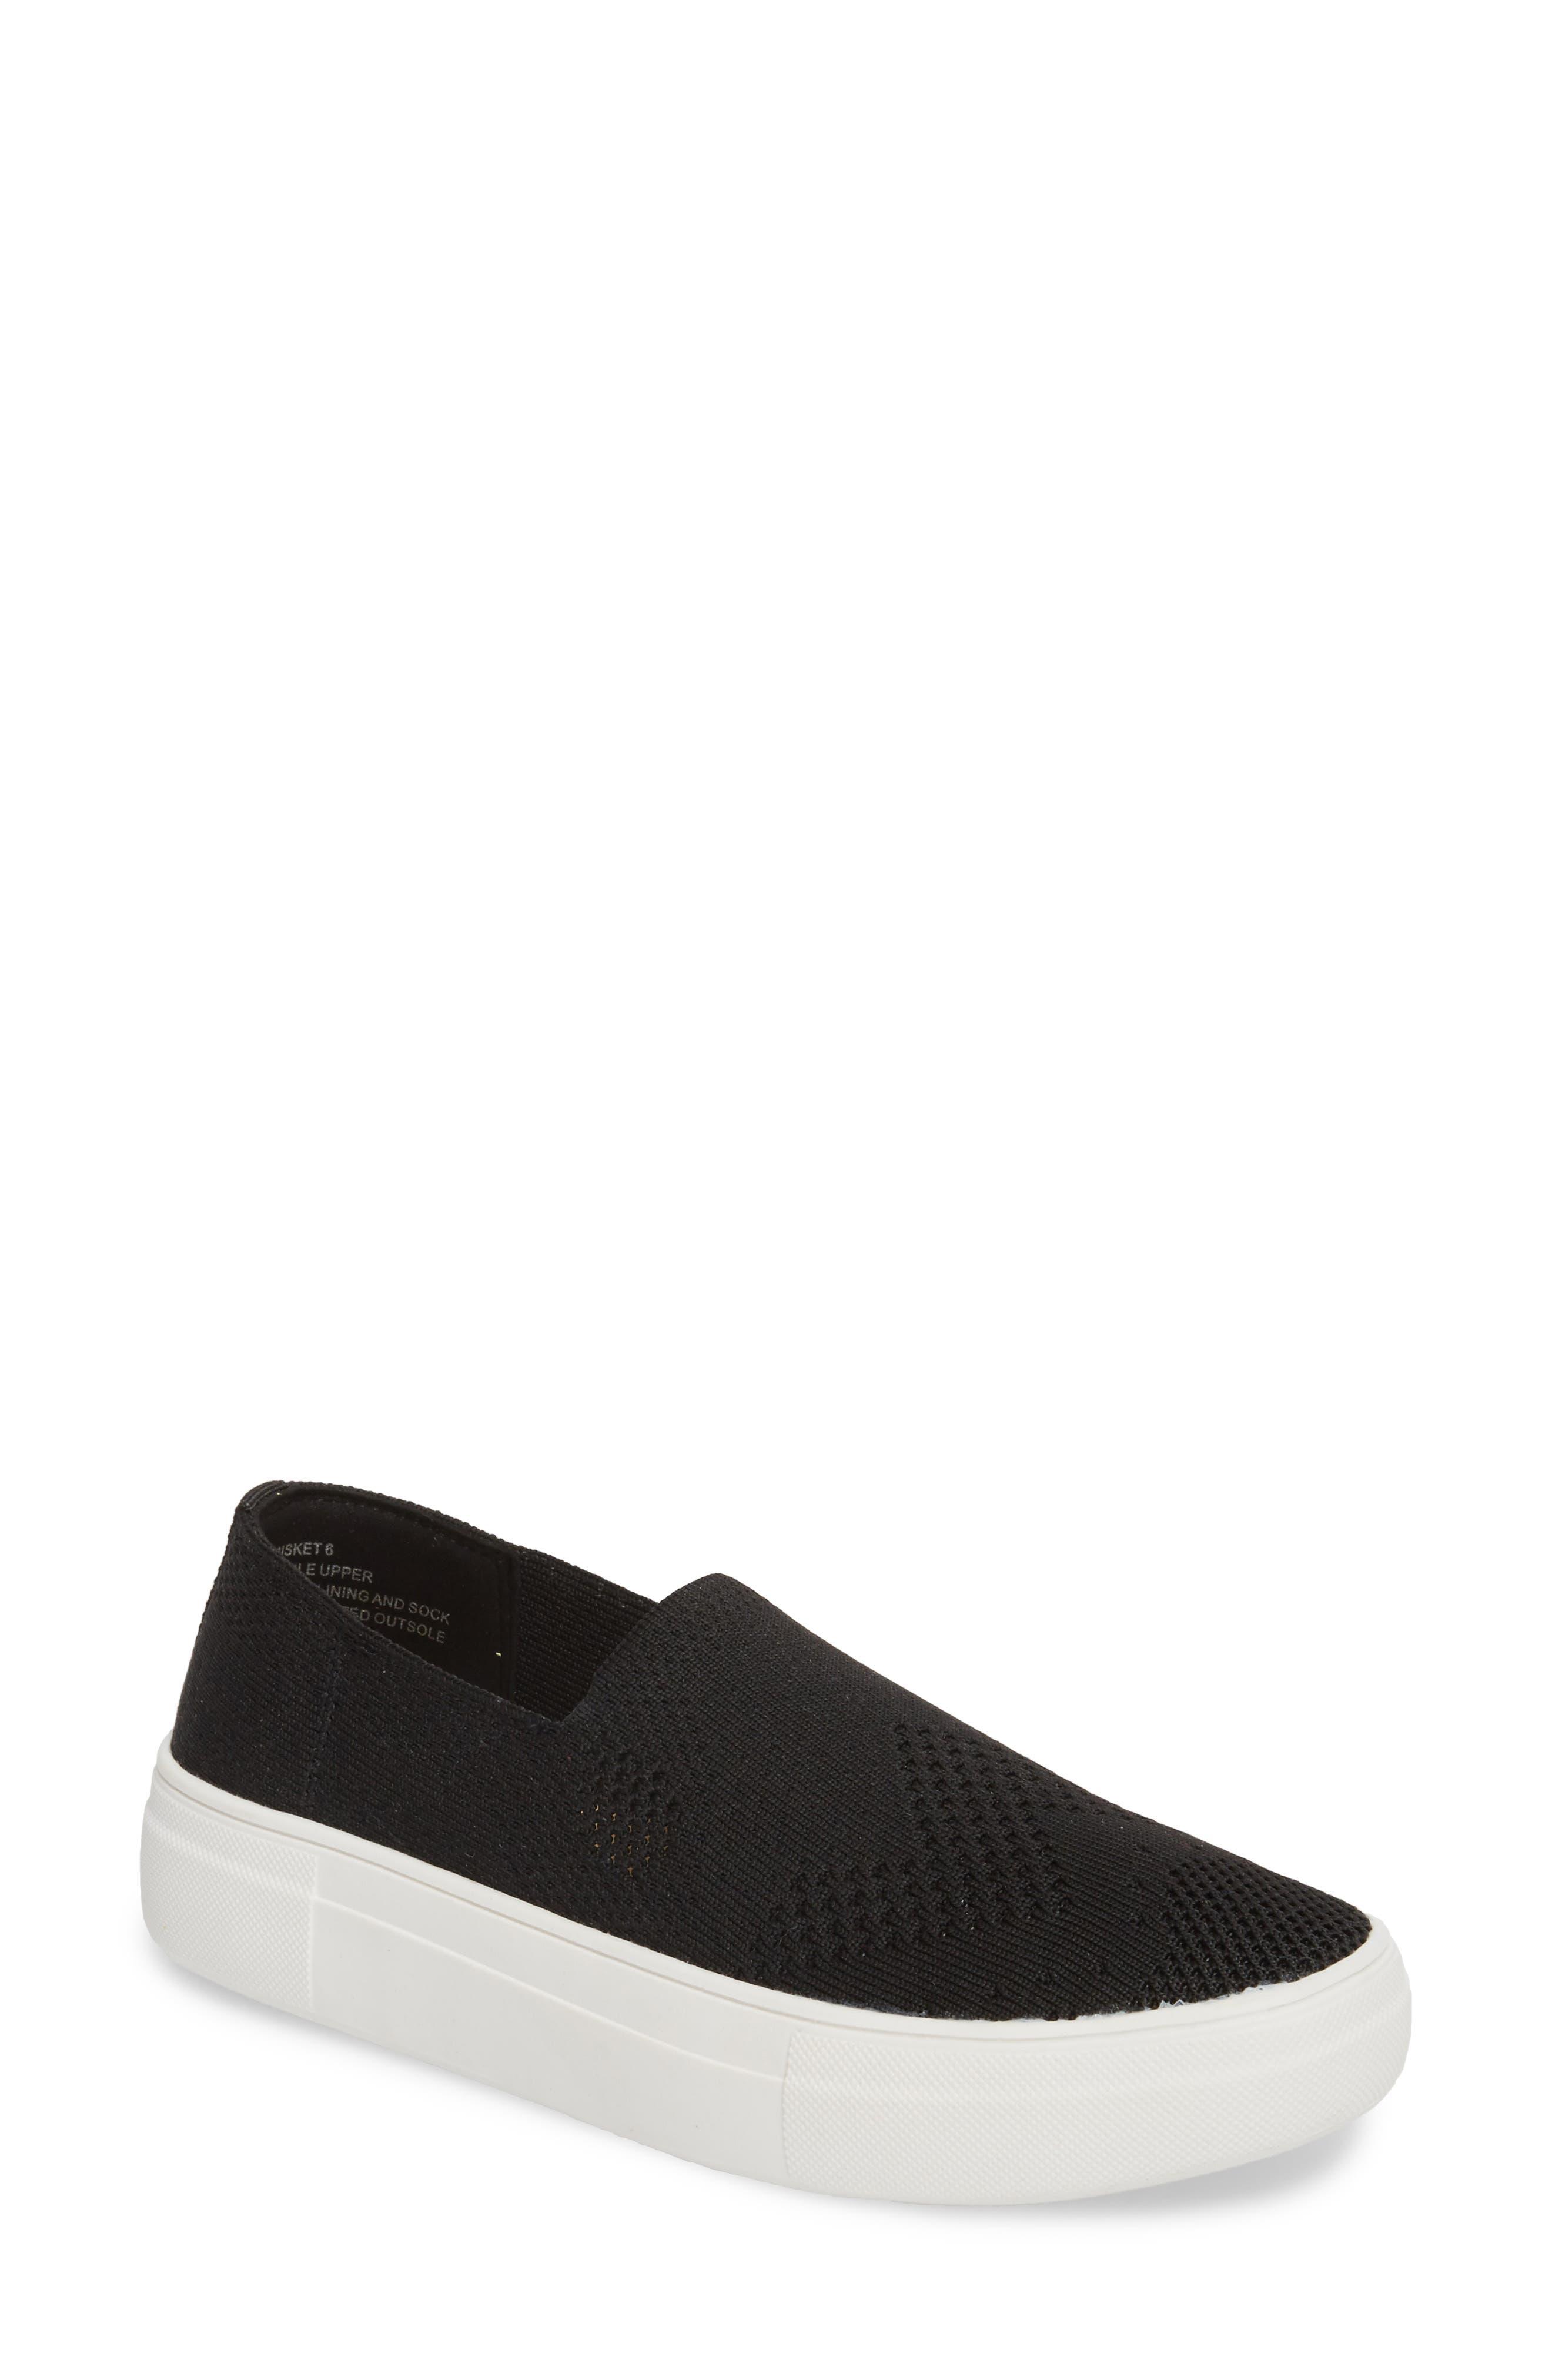 Brisket Slip-On Sneaker,                         Main,                         color, 001